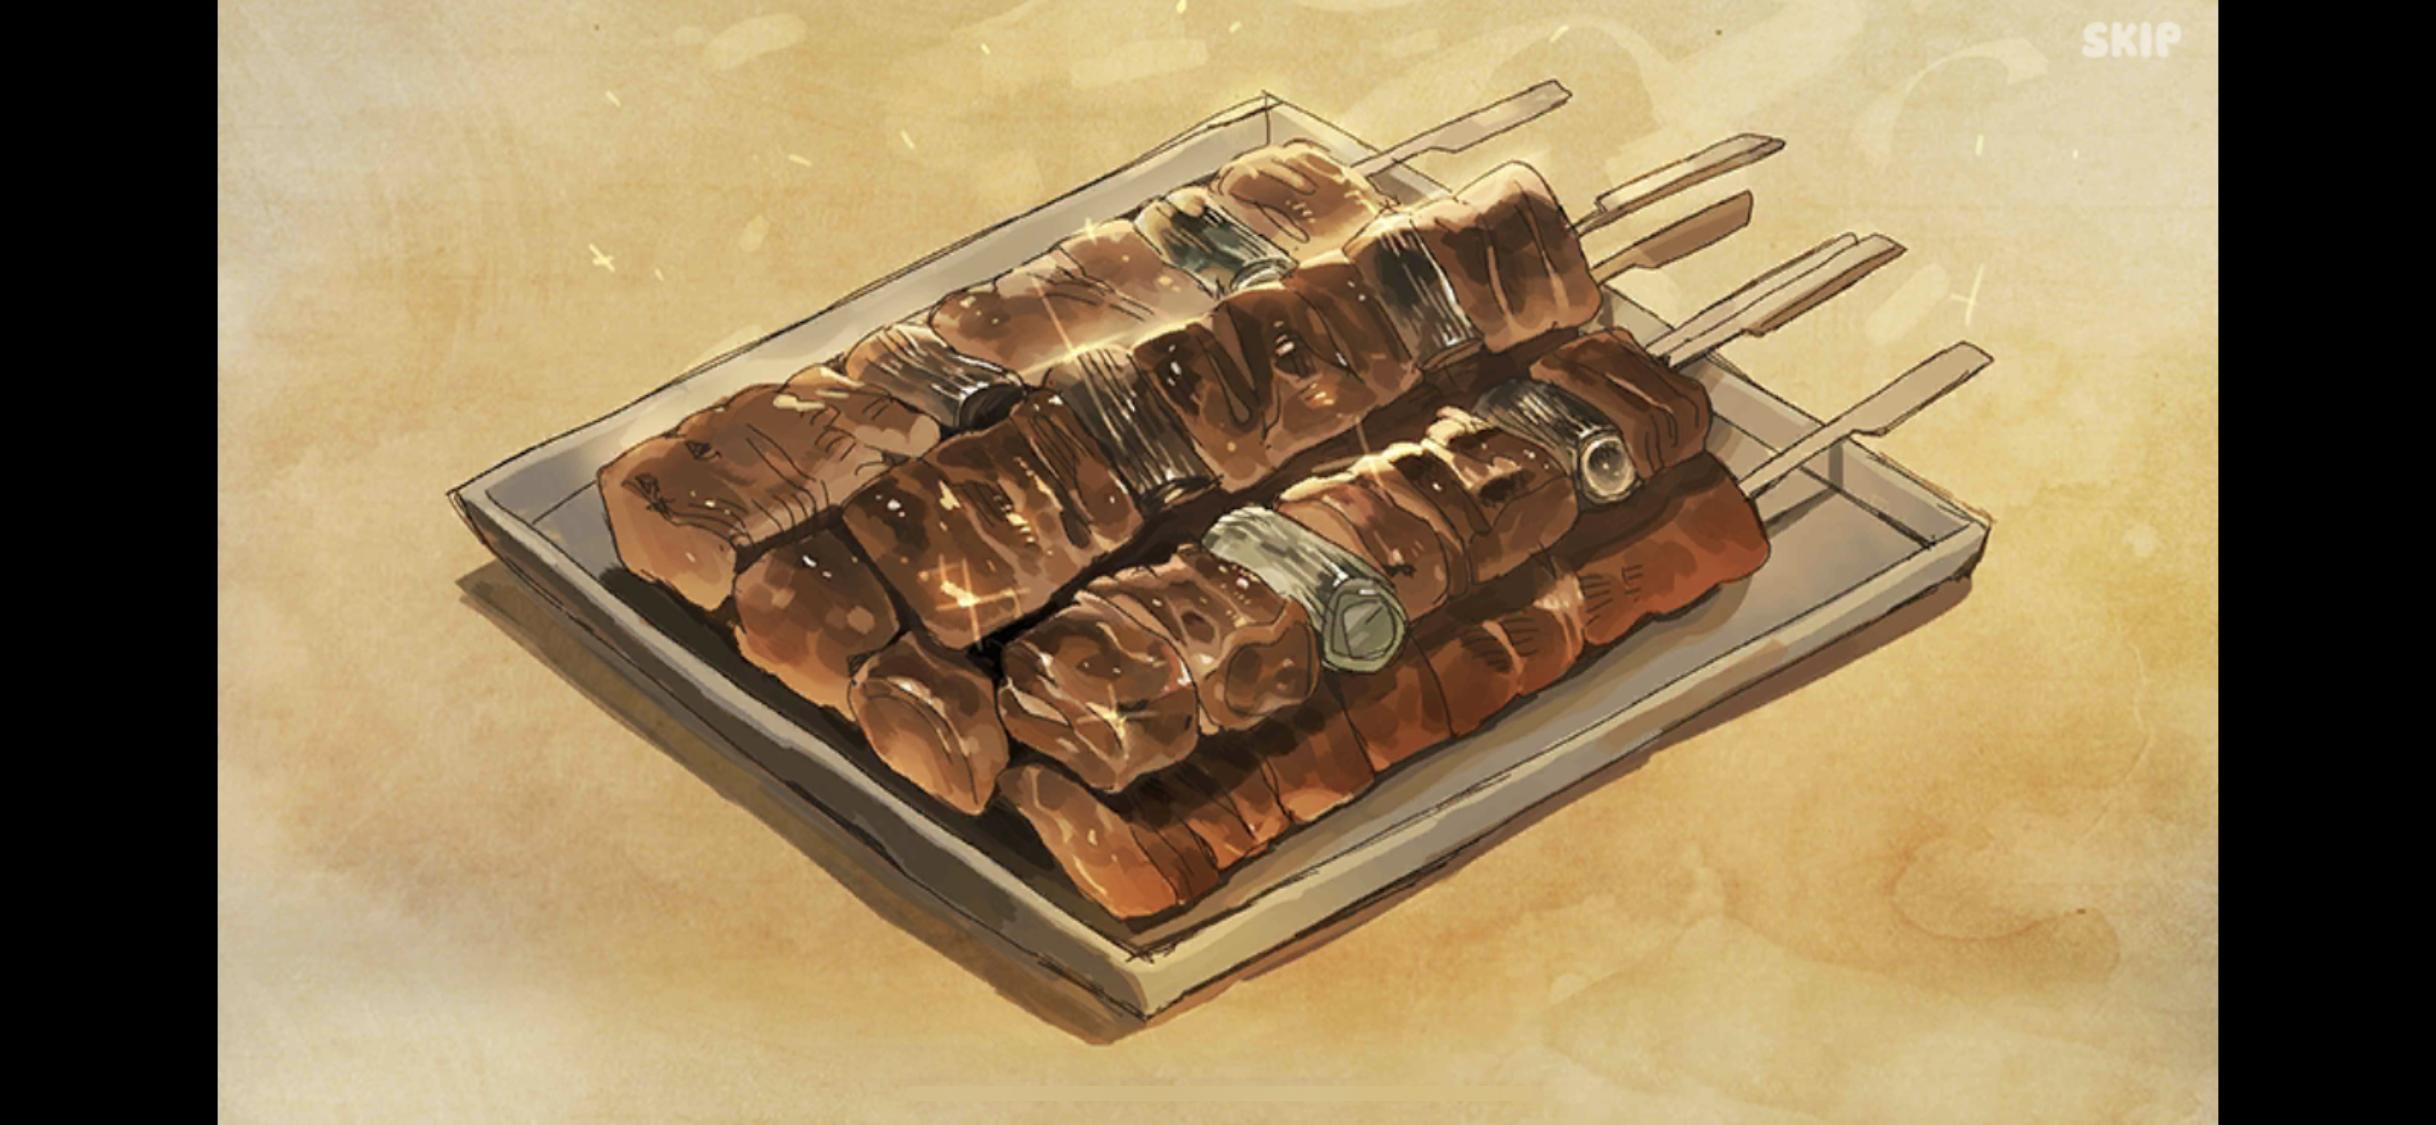 勇者の飯のシリアルコードの有無とリセマラの必要性・レベル上げ。